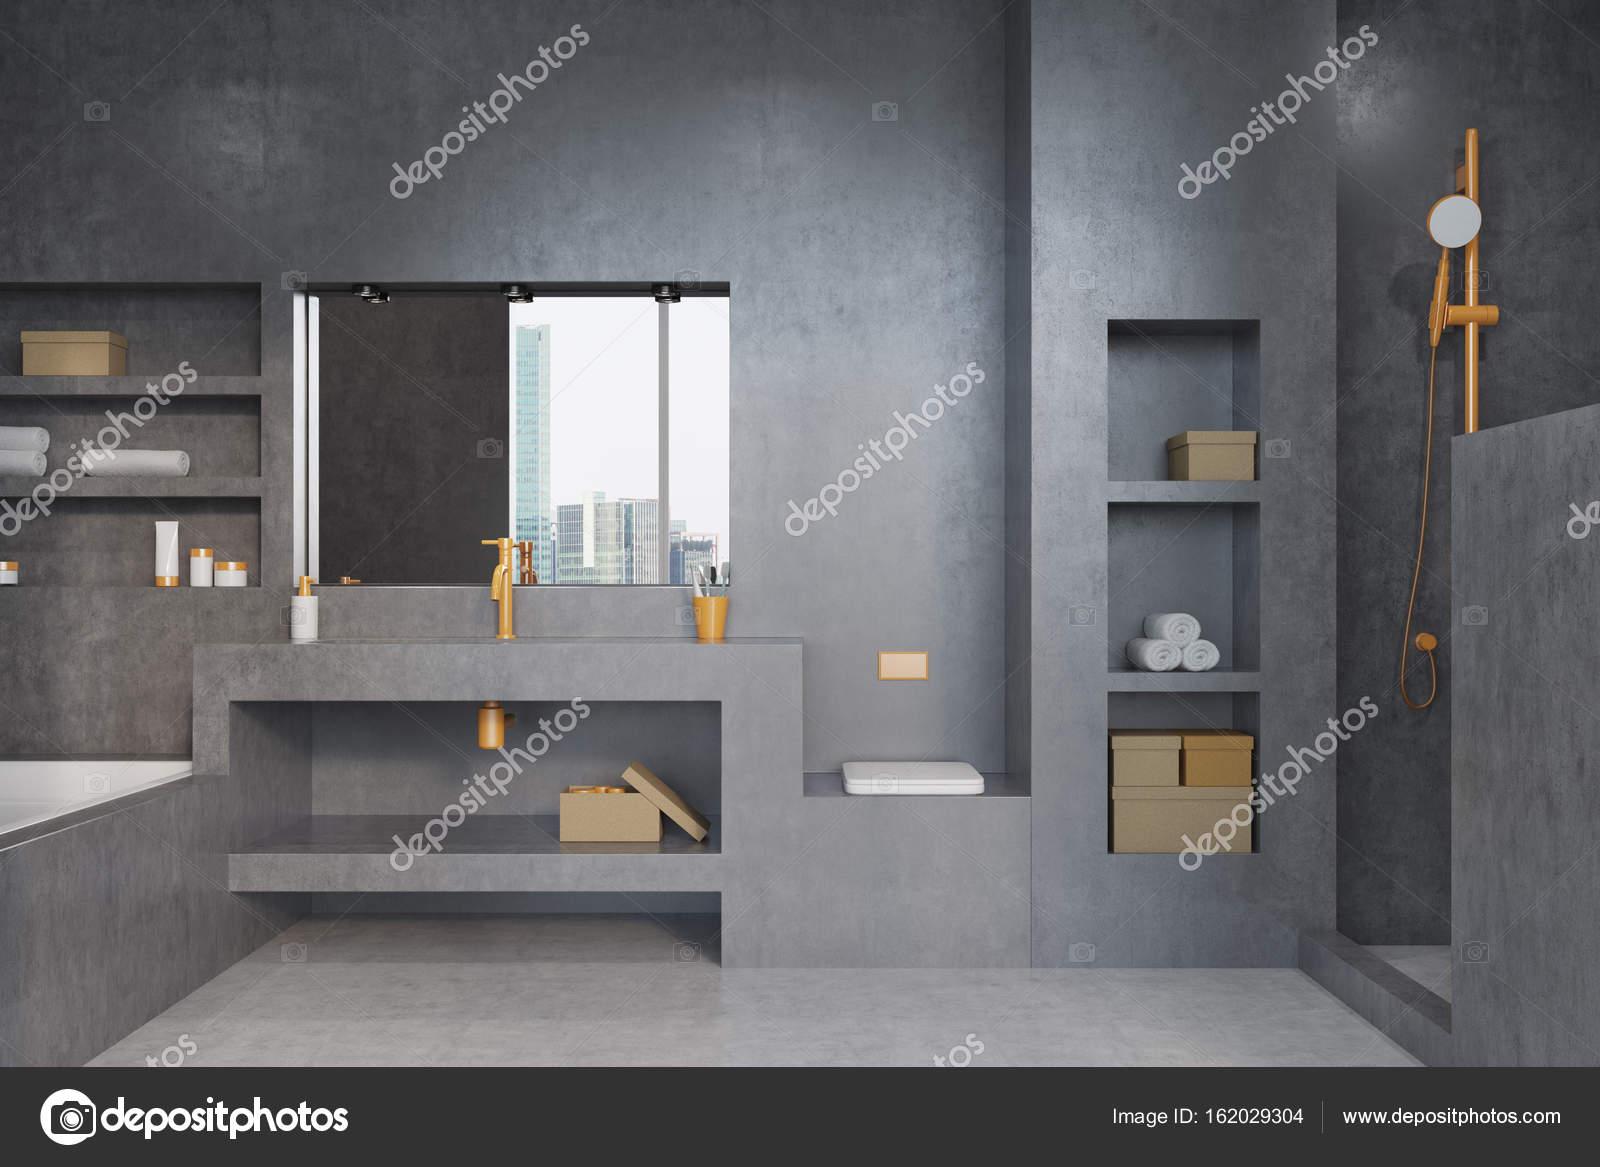 Spiegel Hoekkast Badkamer : Grijze badkamer bad wastafel en spiegel u2014 stockfoto